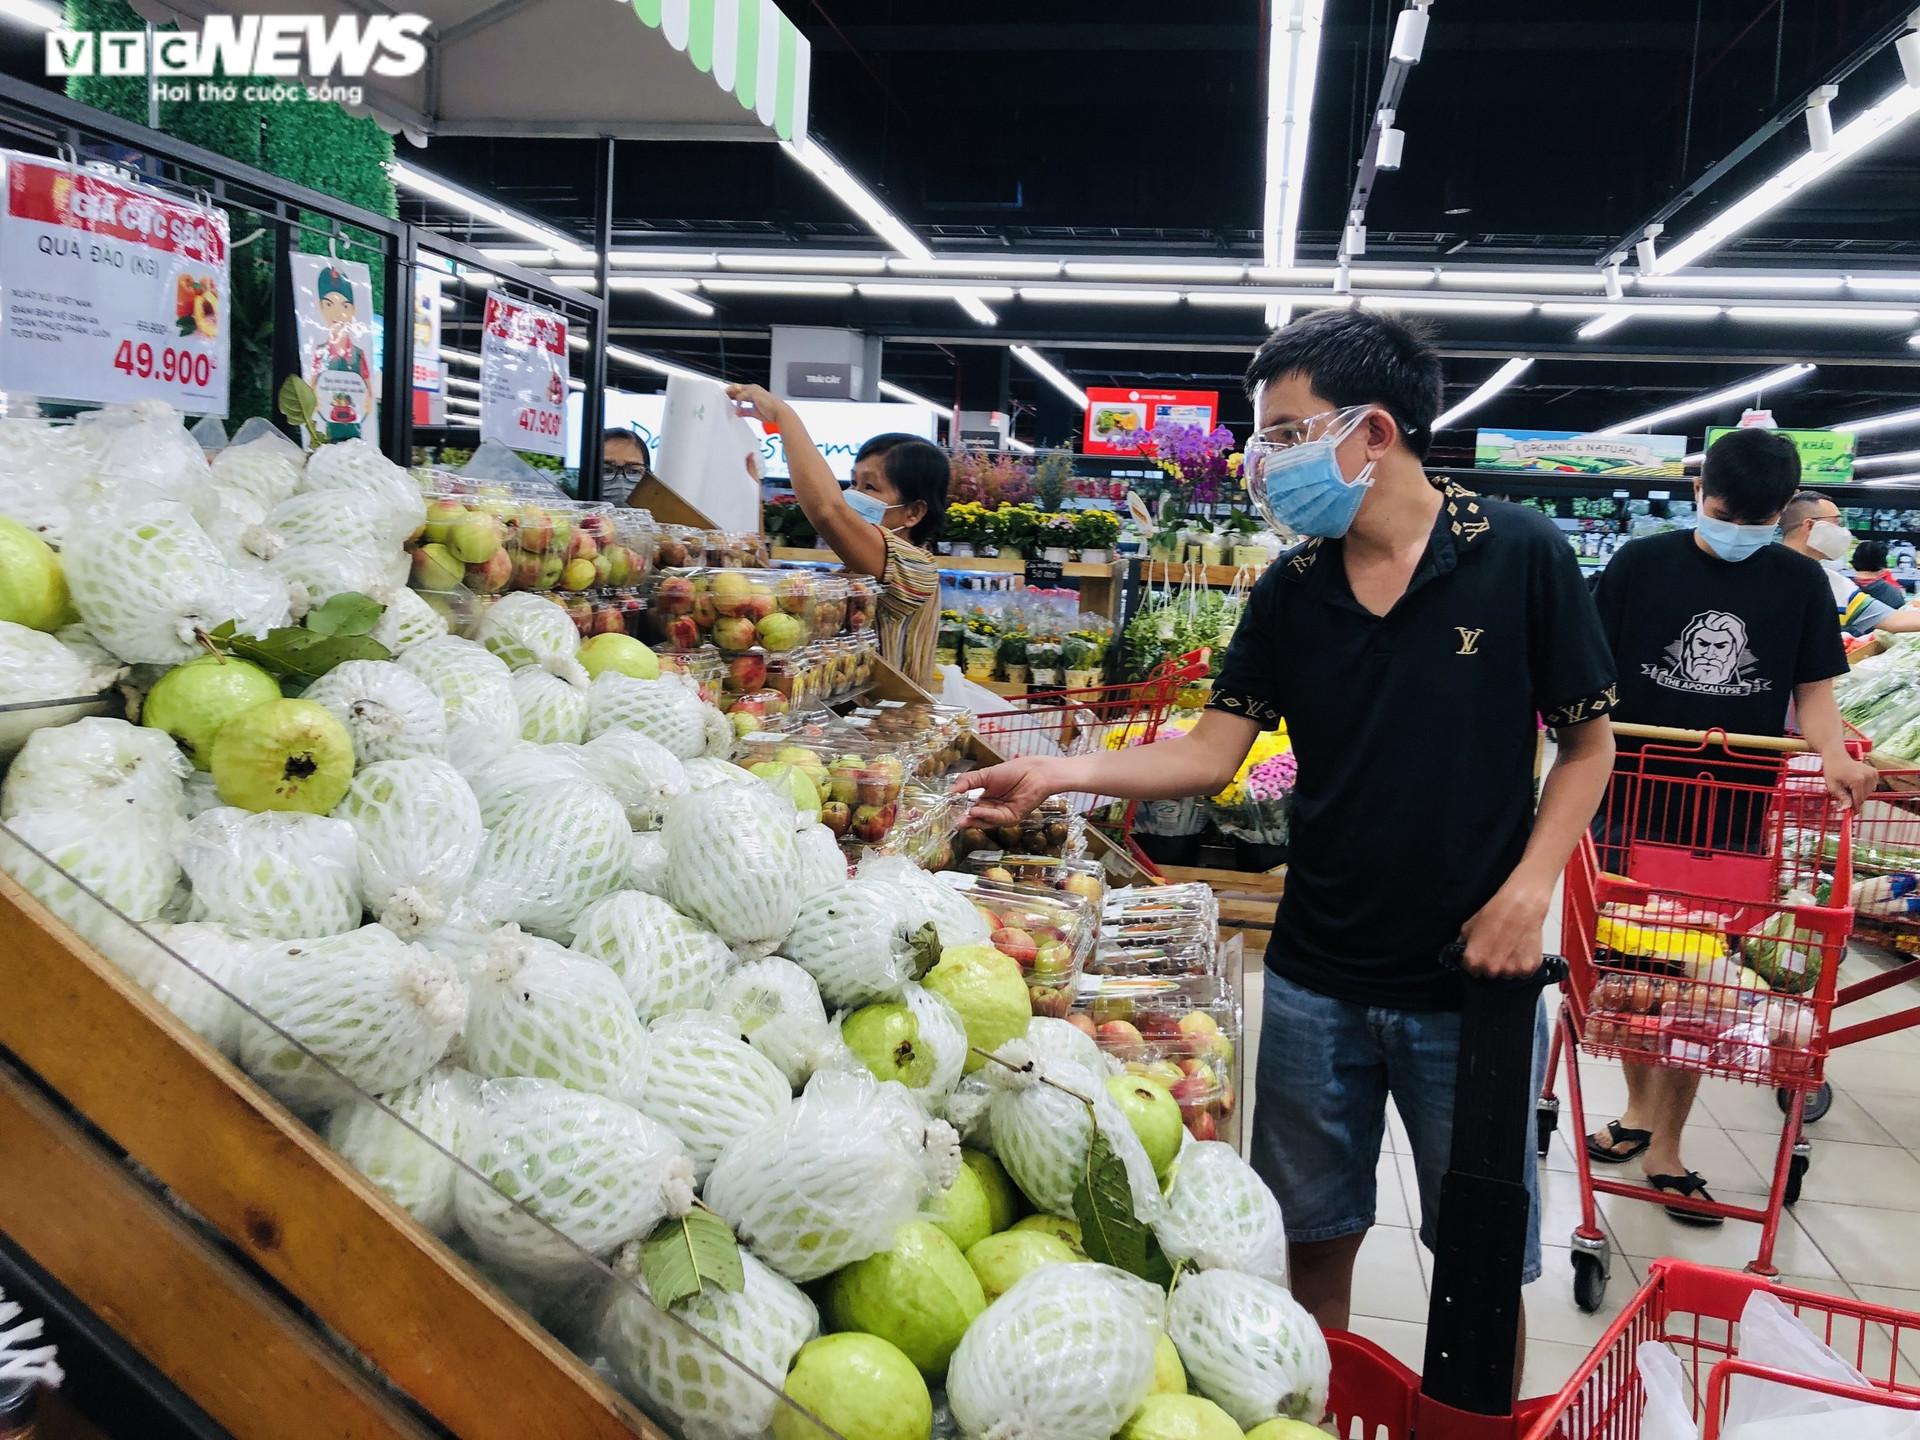 Ảnh: Hàng hóa chất đầy kệ, người Sài Gòn không cần lo thiếu thực phẩm - 7